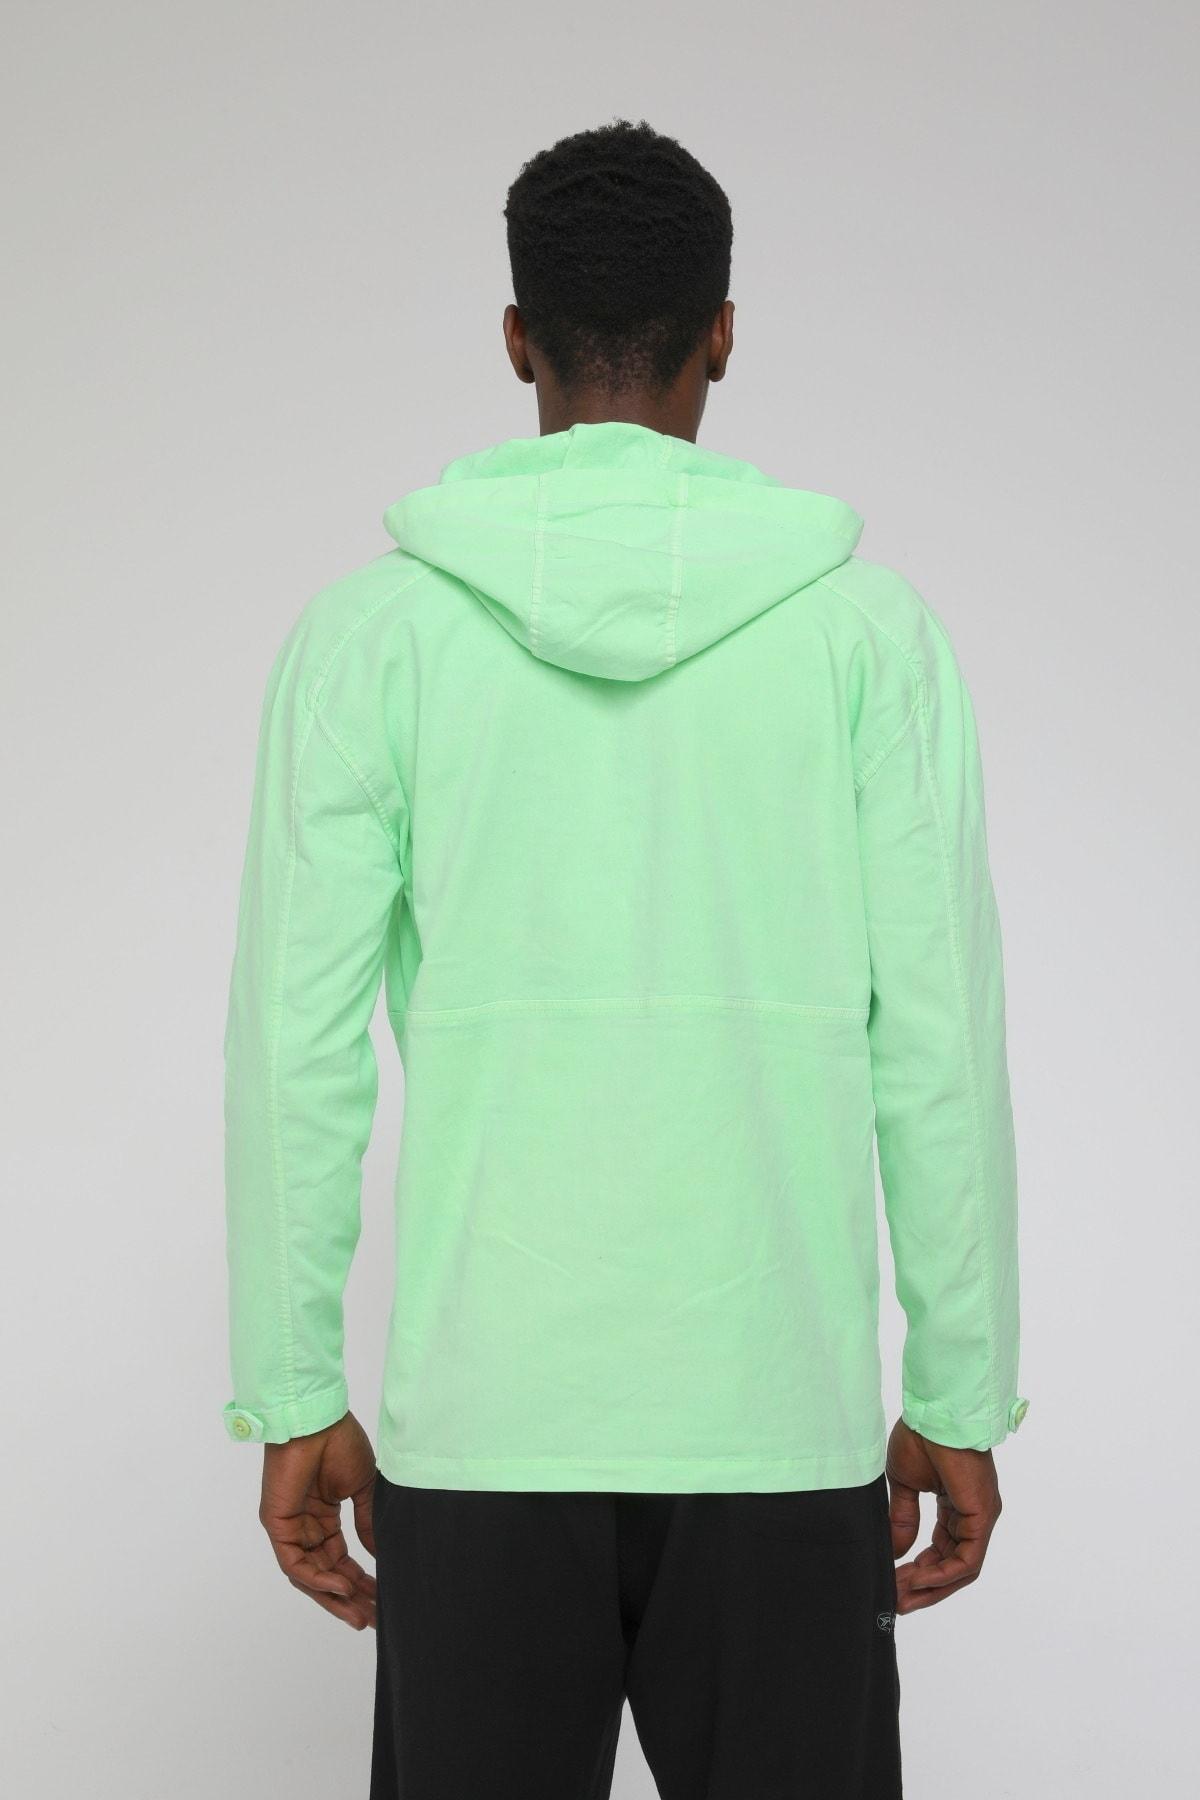 Rocqerx Erkek Yeşil Kanguru